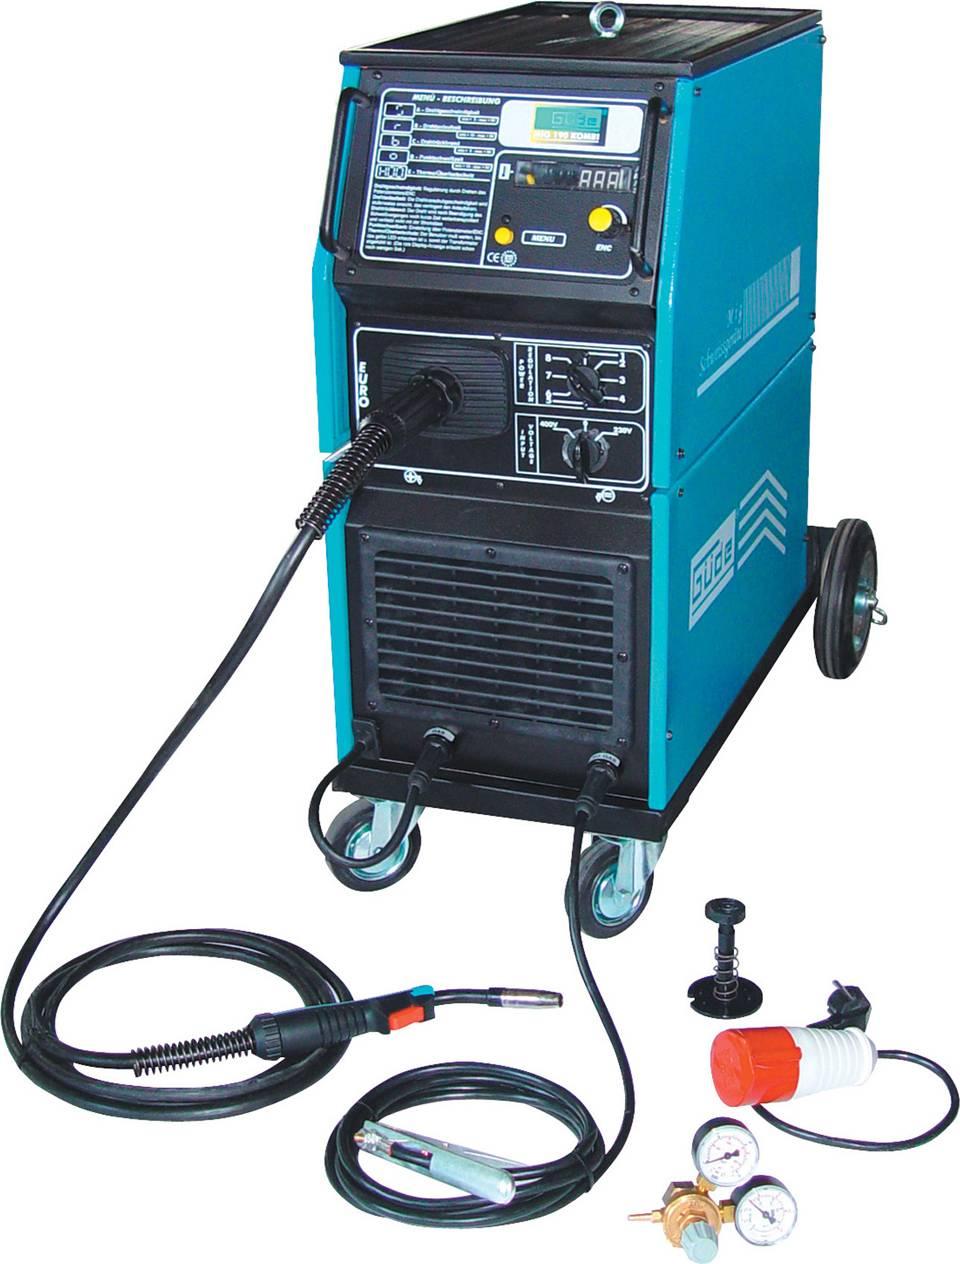 Svářečka MIG 190 Kombi/A pro svařování v ochranné atmosféře 20039 GÜDE